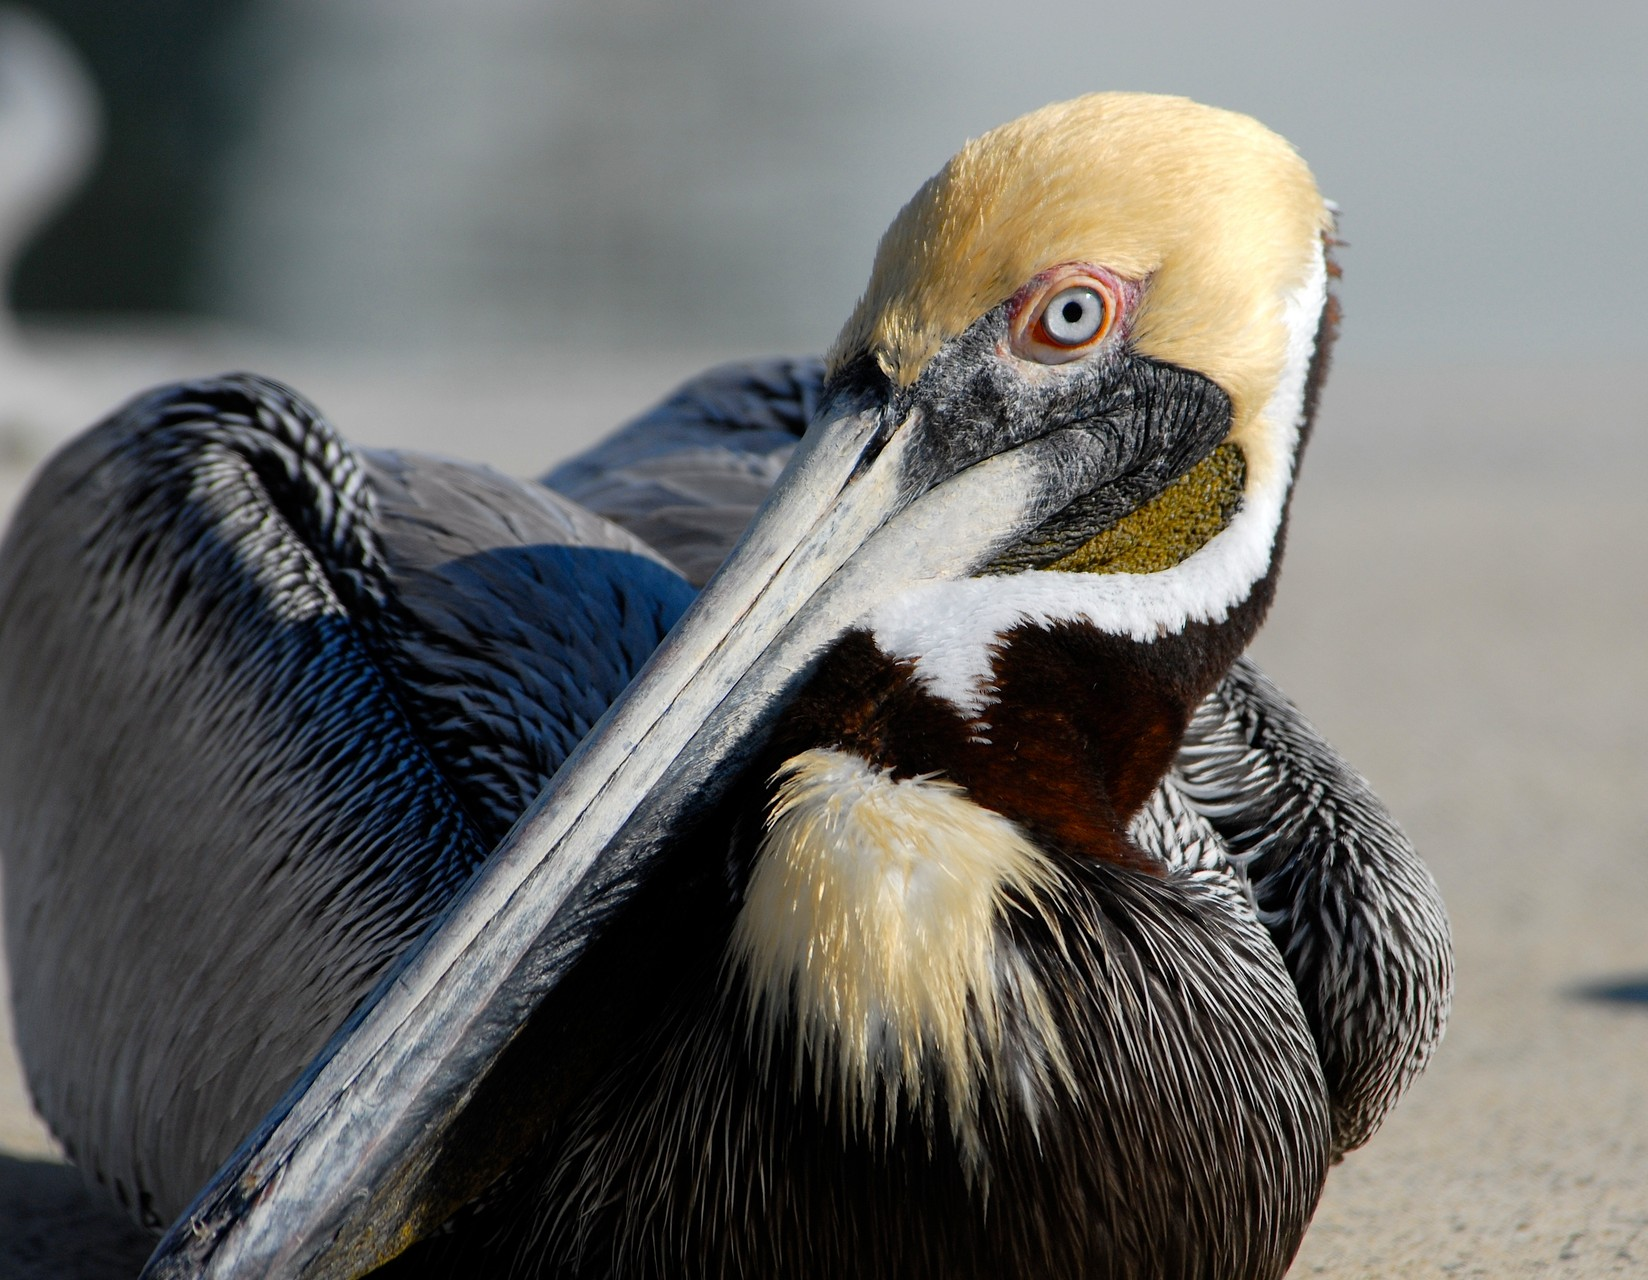 01_Pelikan (pelican) in Fort Walton Beach in Florida